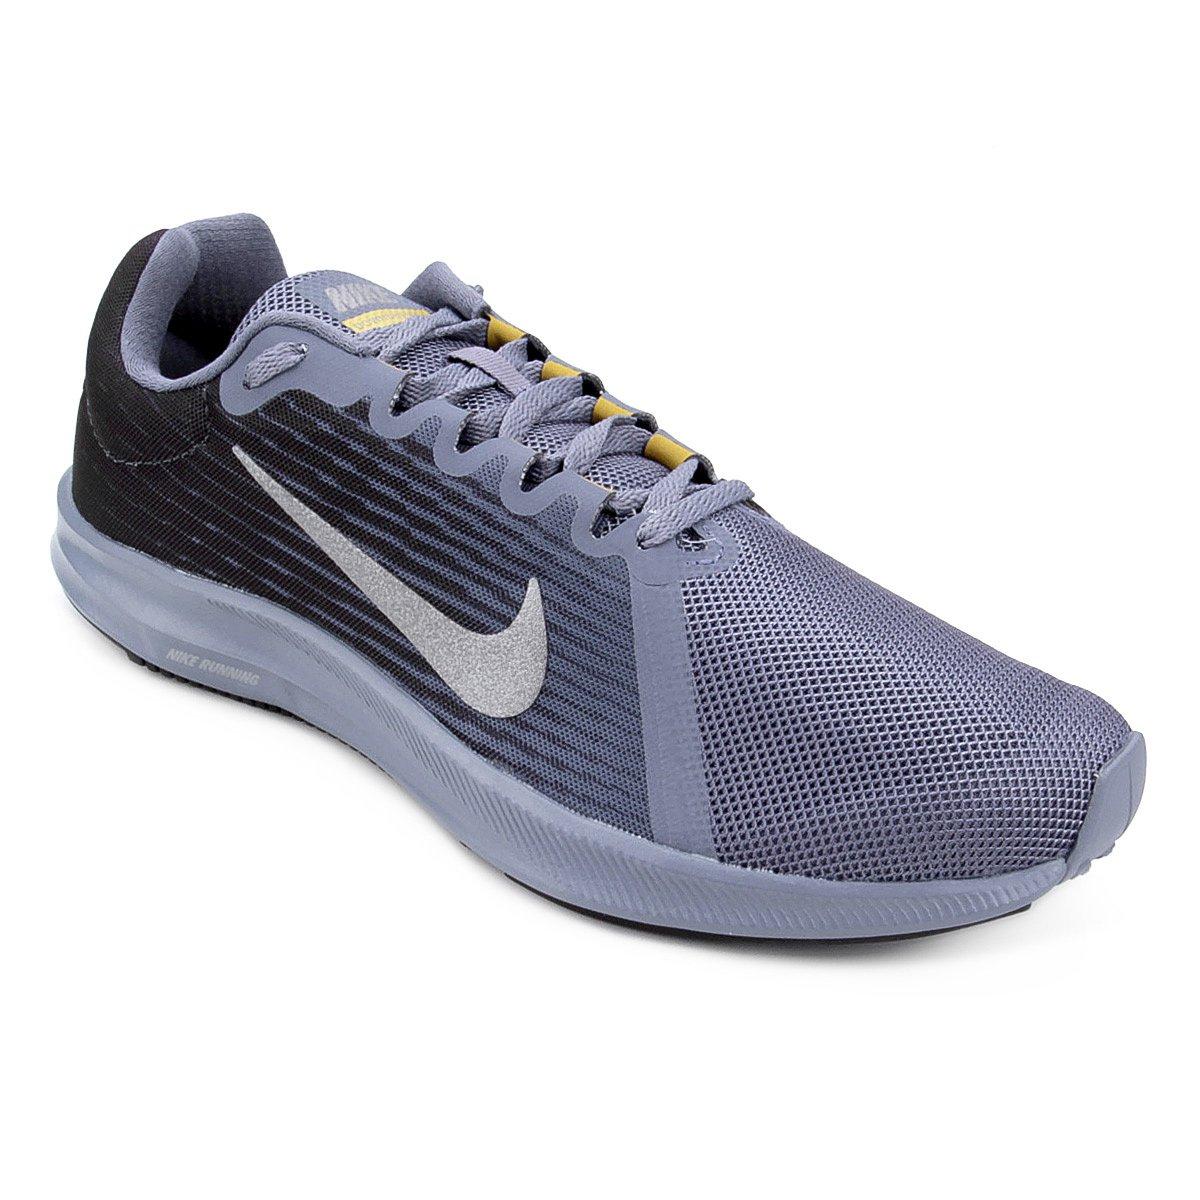 f38b17c76d Tênis Nike Downshifter 8 Masculino - Preto e Cinza - Compre Agora ...